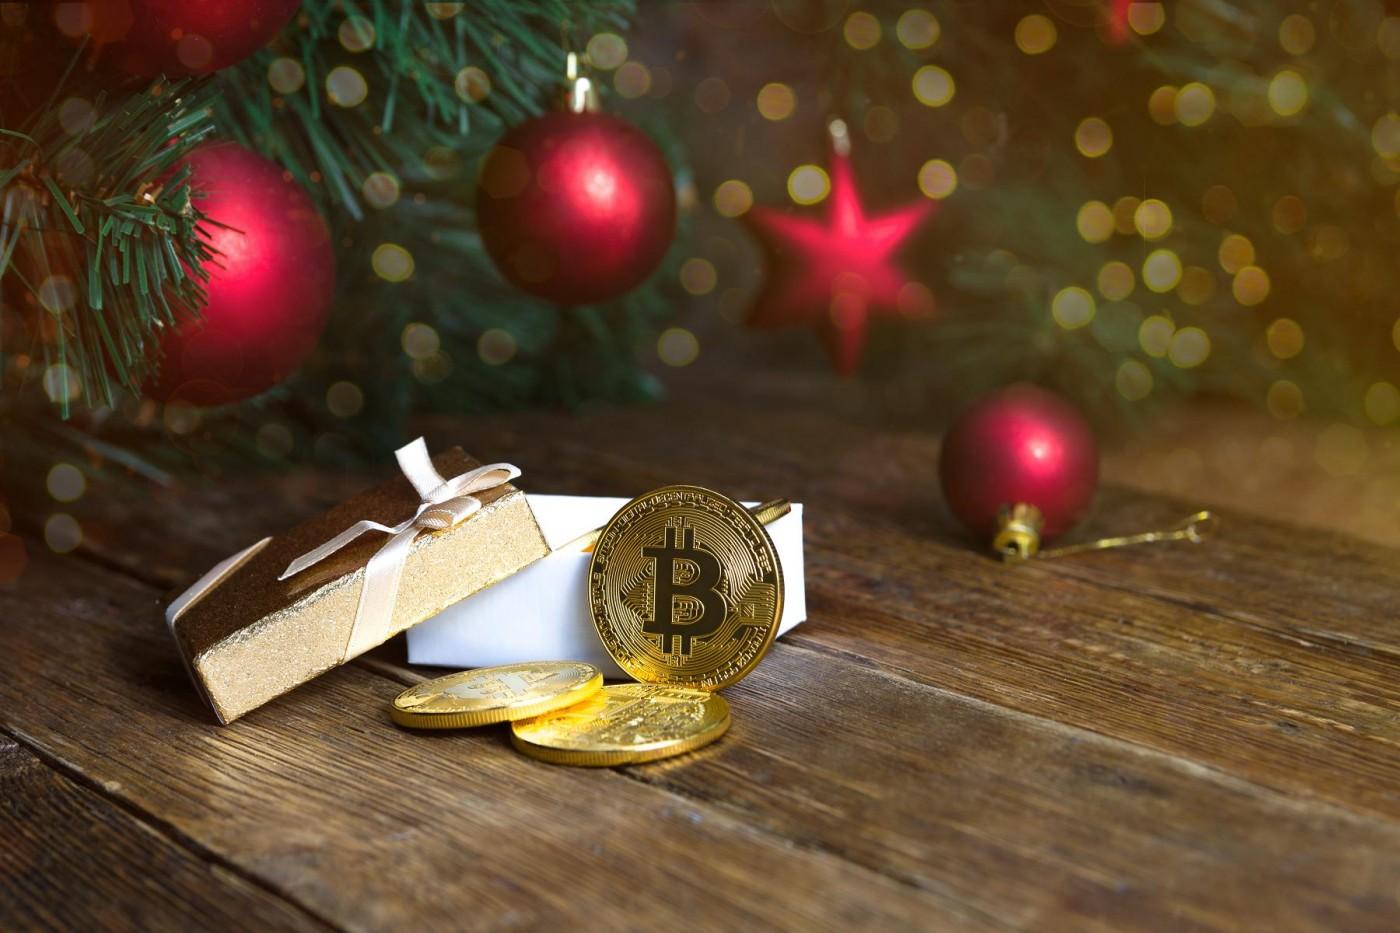 聖誕、春節將至,想買比特幣送禮?掌握這幾點要訣就對了